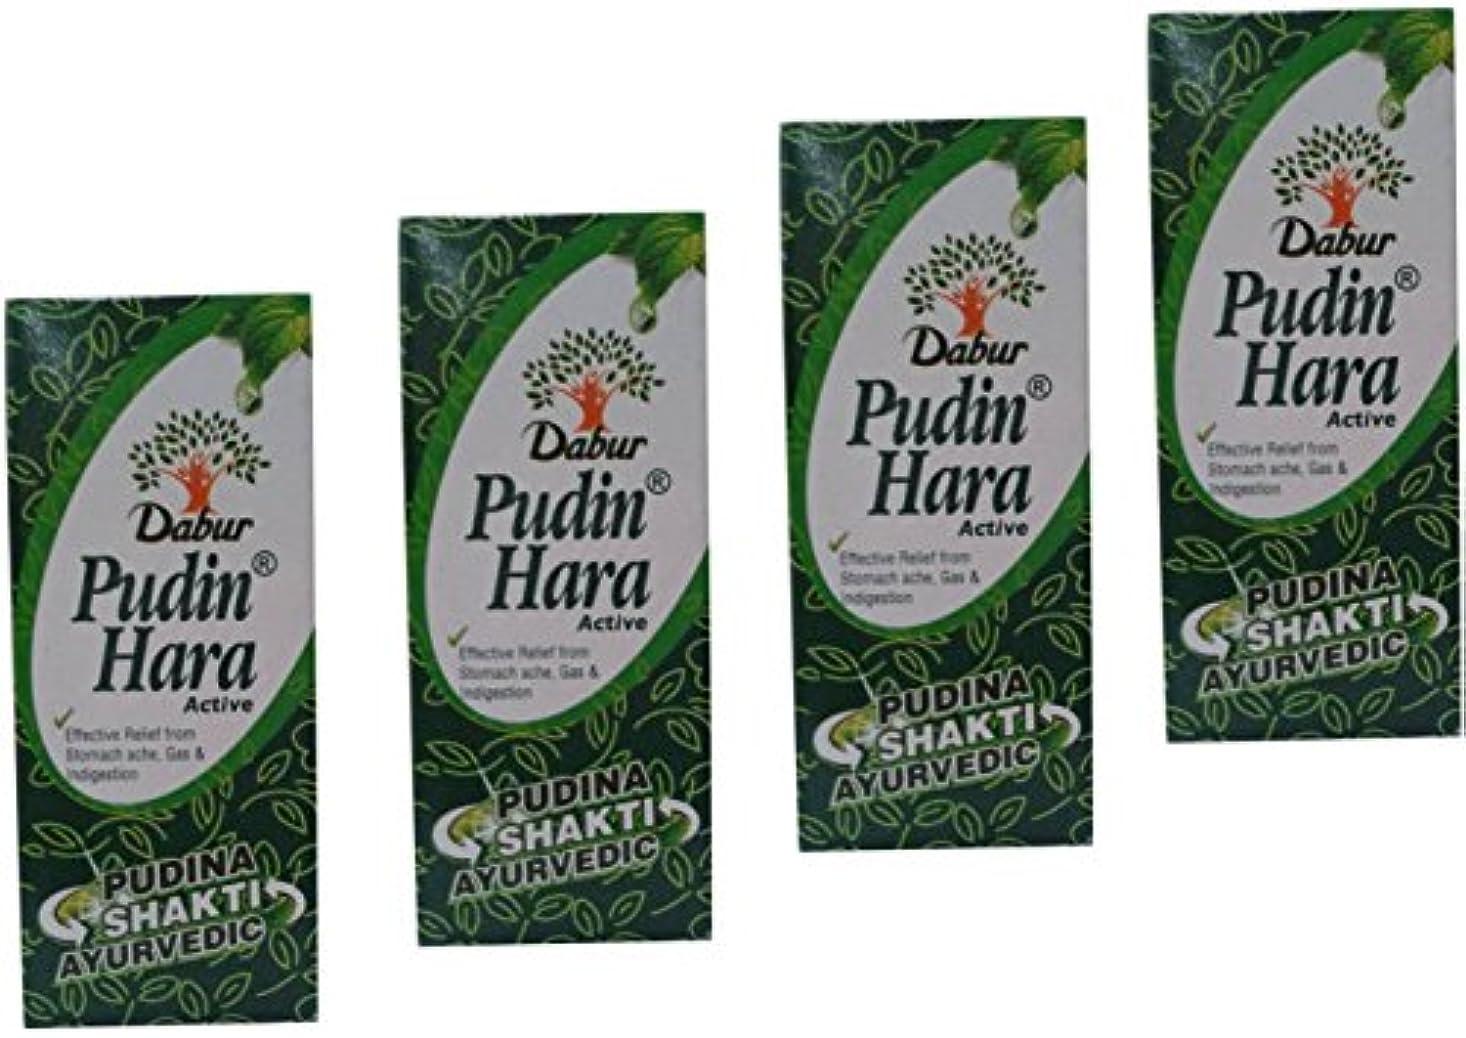 震え大陸服を片付けるPudin Haraアクティブ、30 ml – ペットボトル( Pack of 4 )